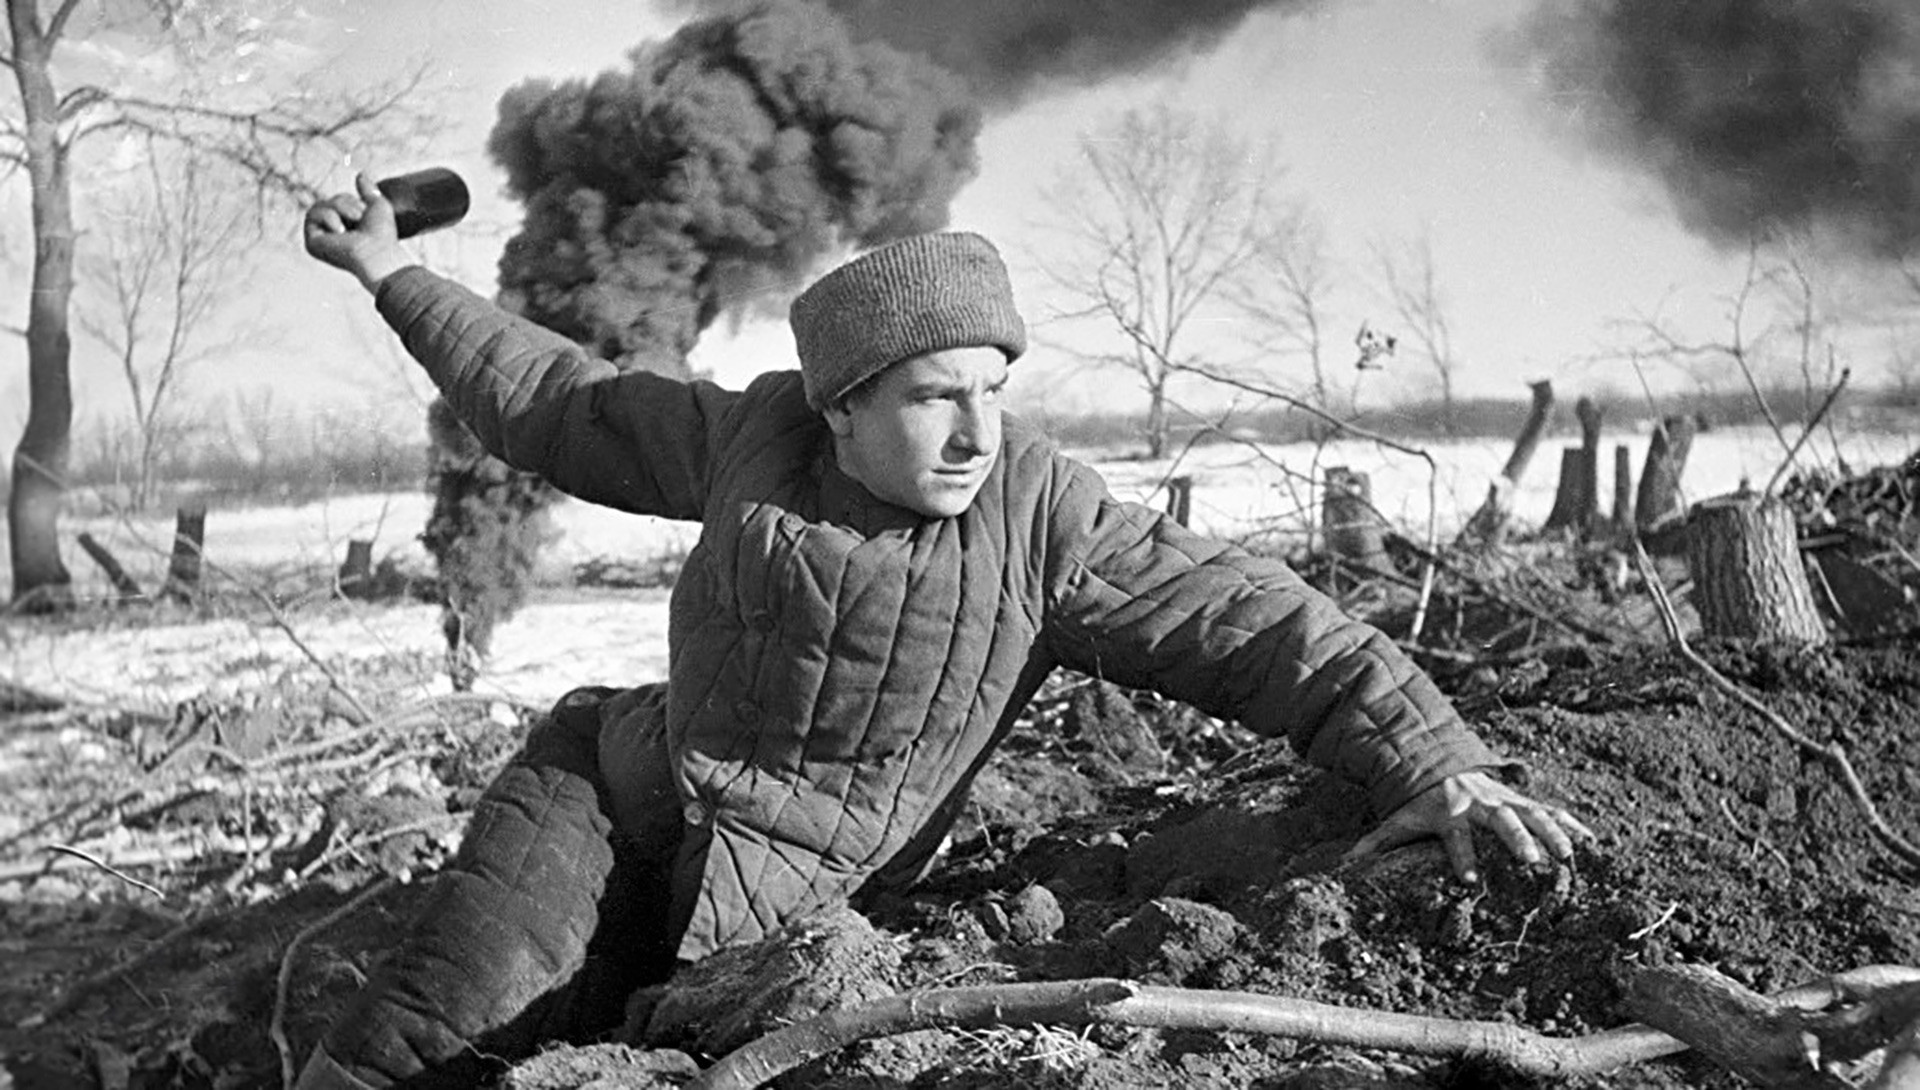 Pasukan Tentara Merah melawan pasukan Jerman dengan gigih.